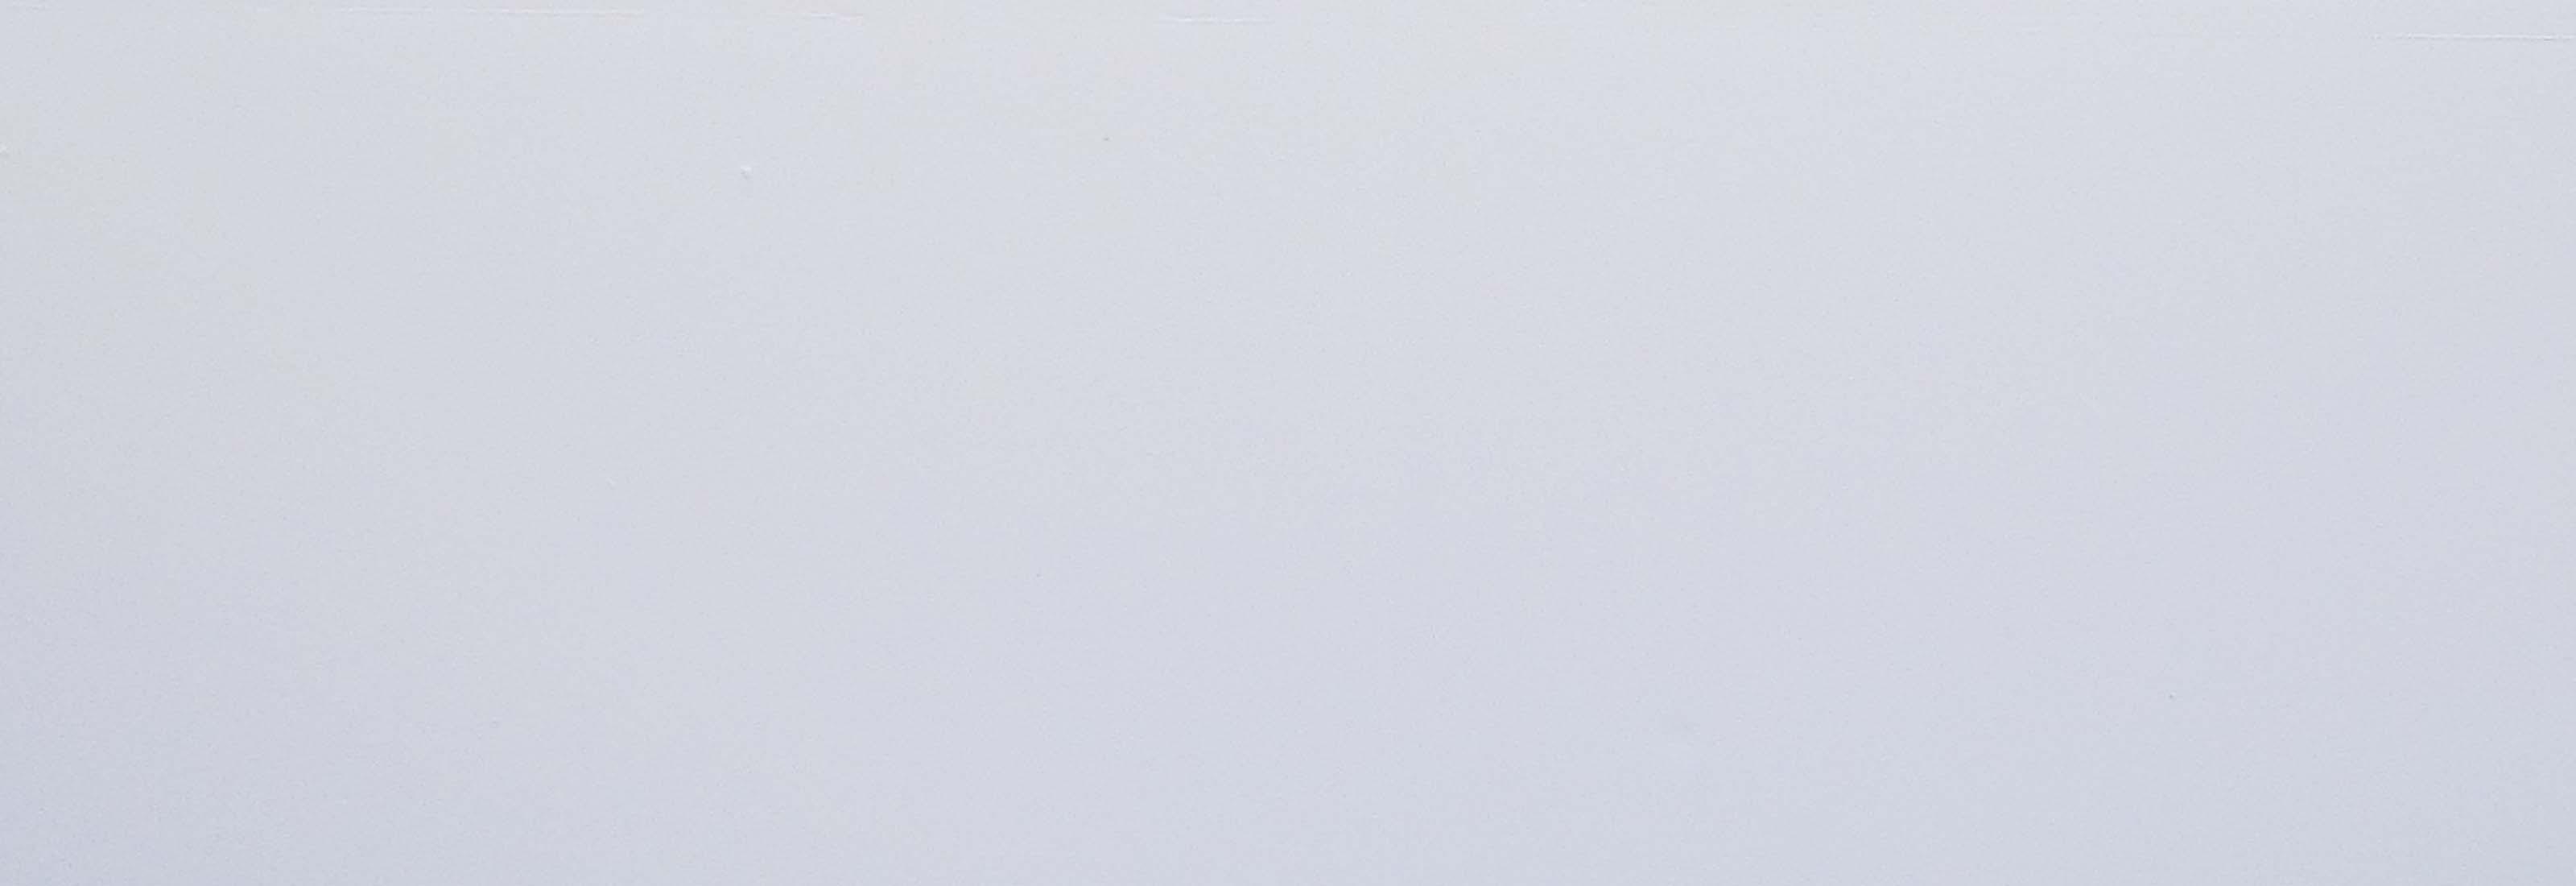 LacatBlanc-taulesamida